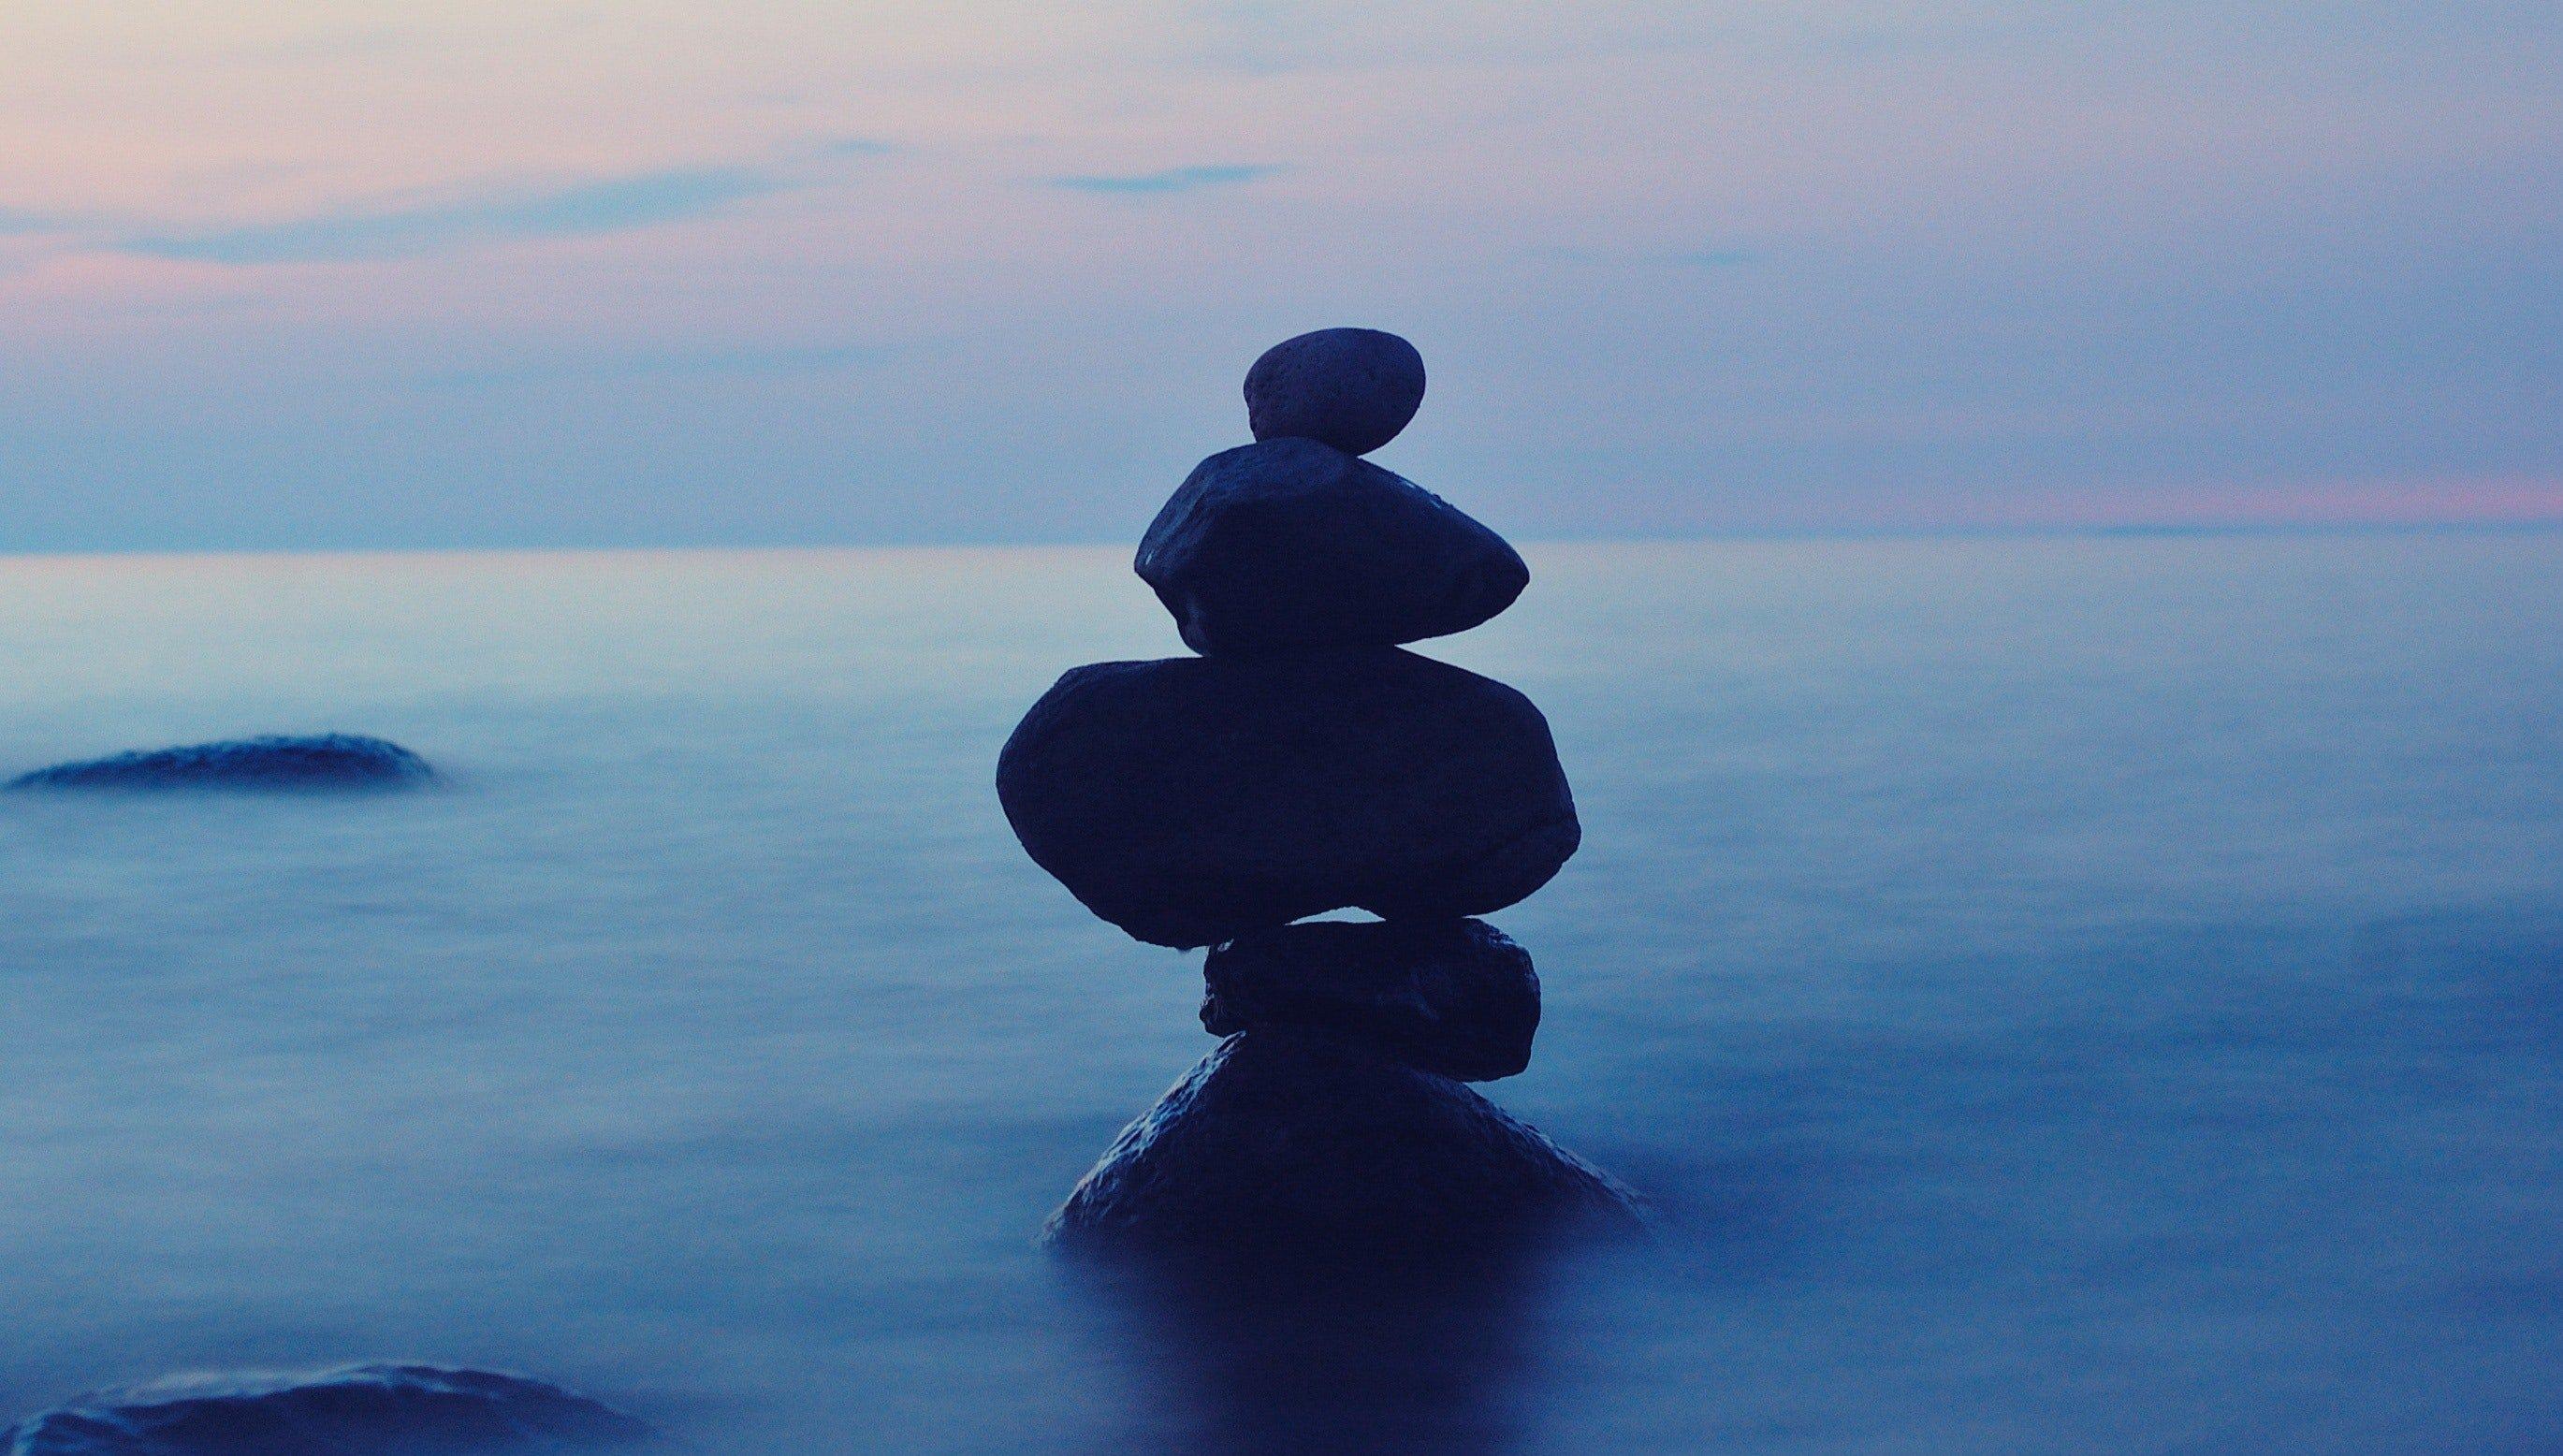 info.calltower.comhubfsbalance-ocean-relaxation-267950-1